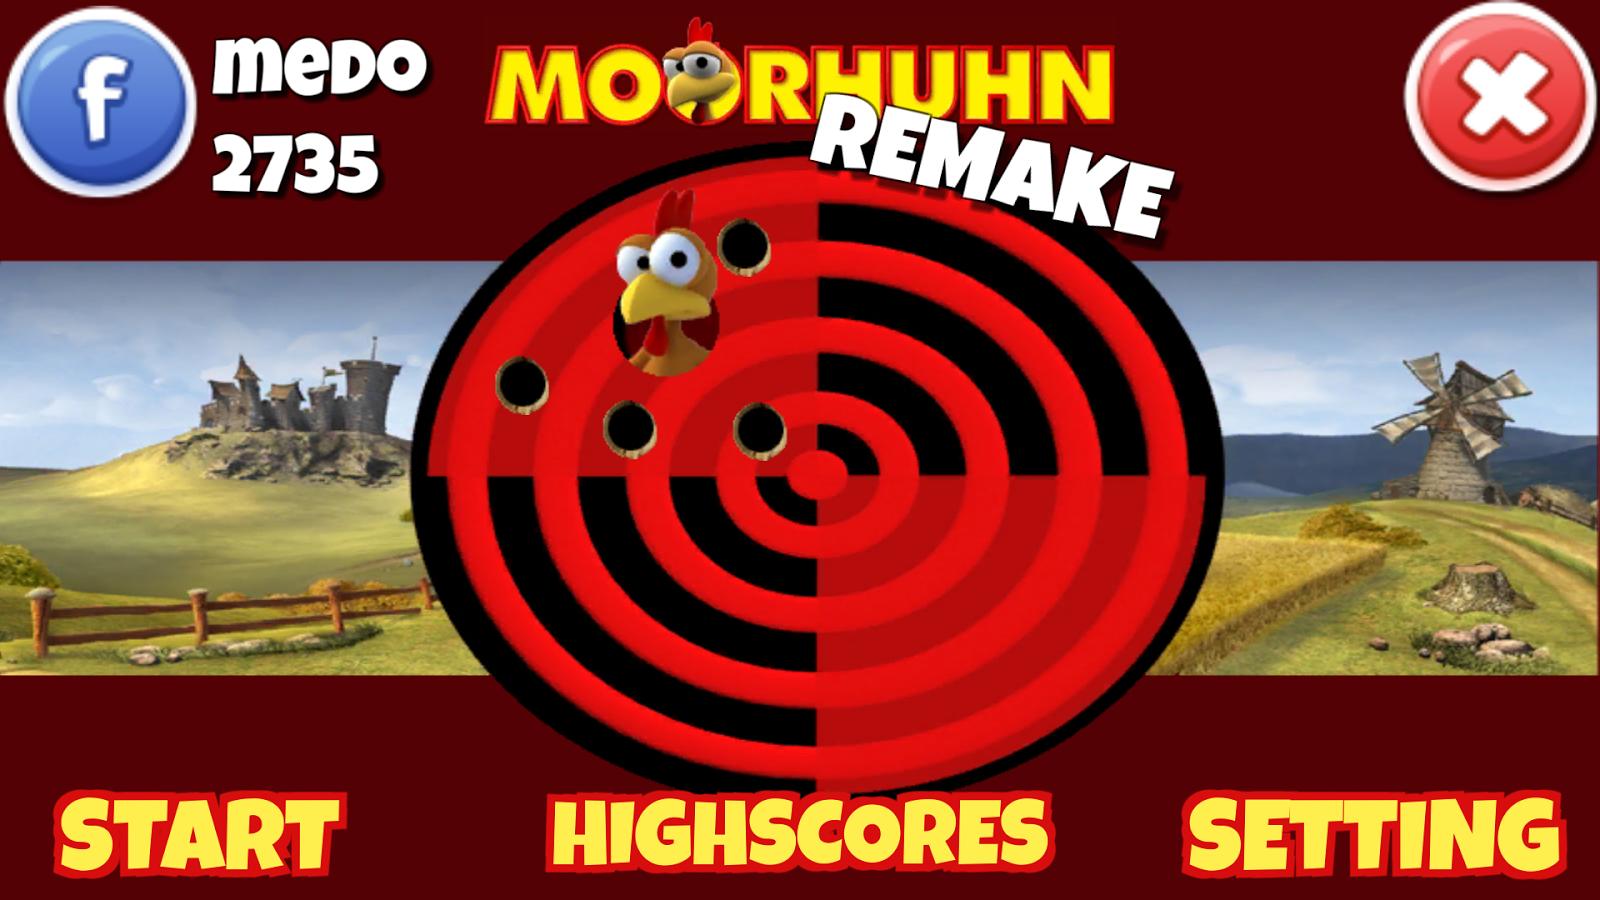 moorhuhn app